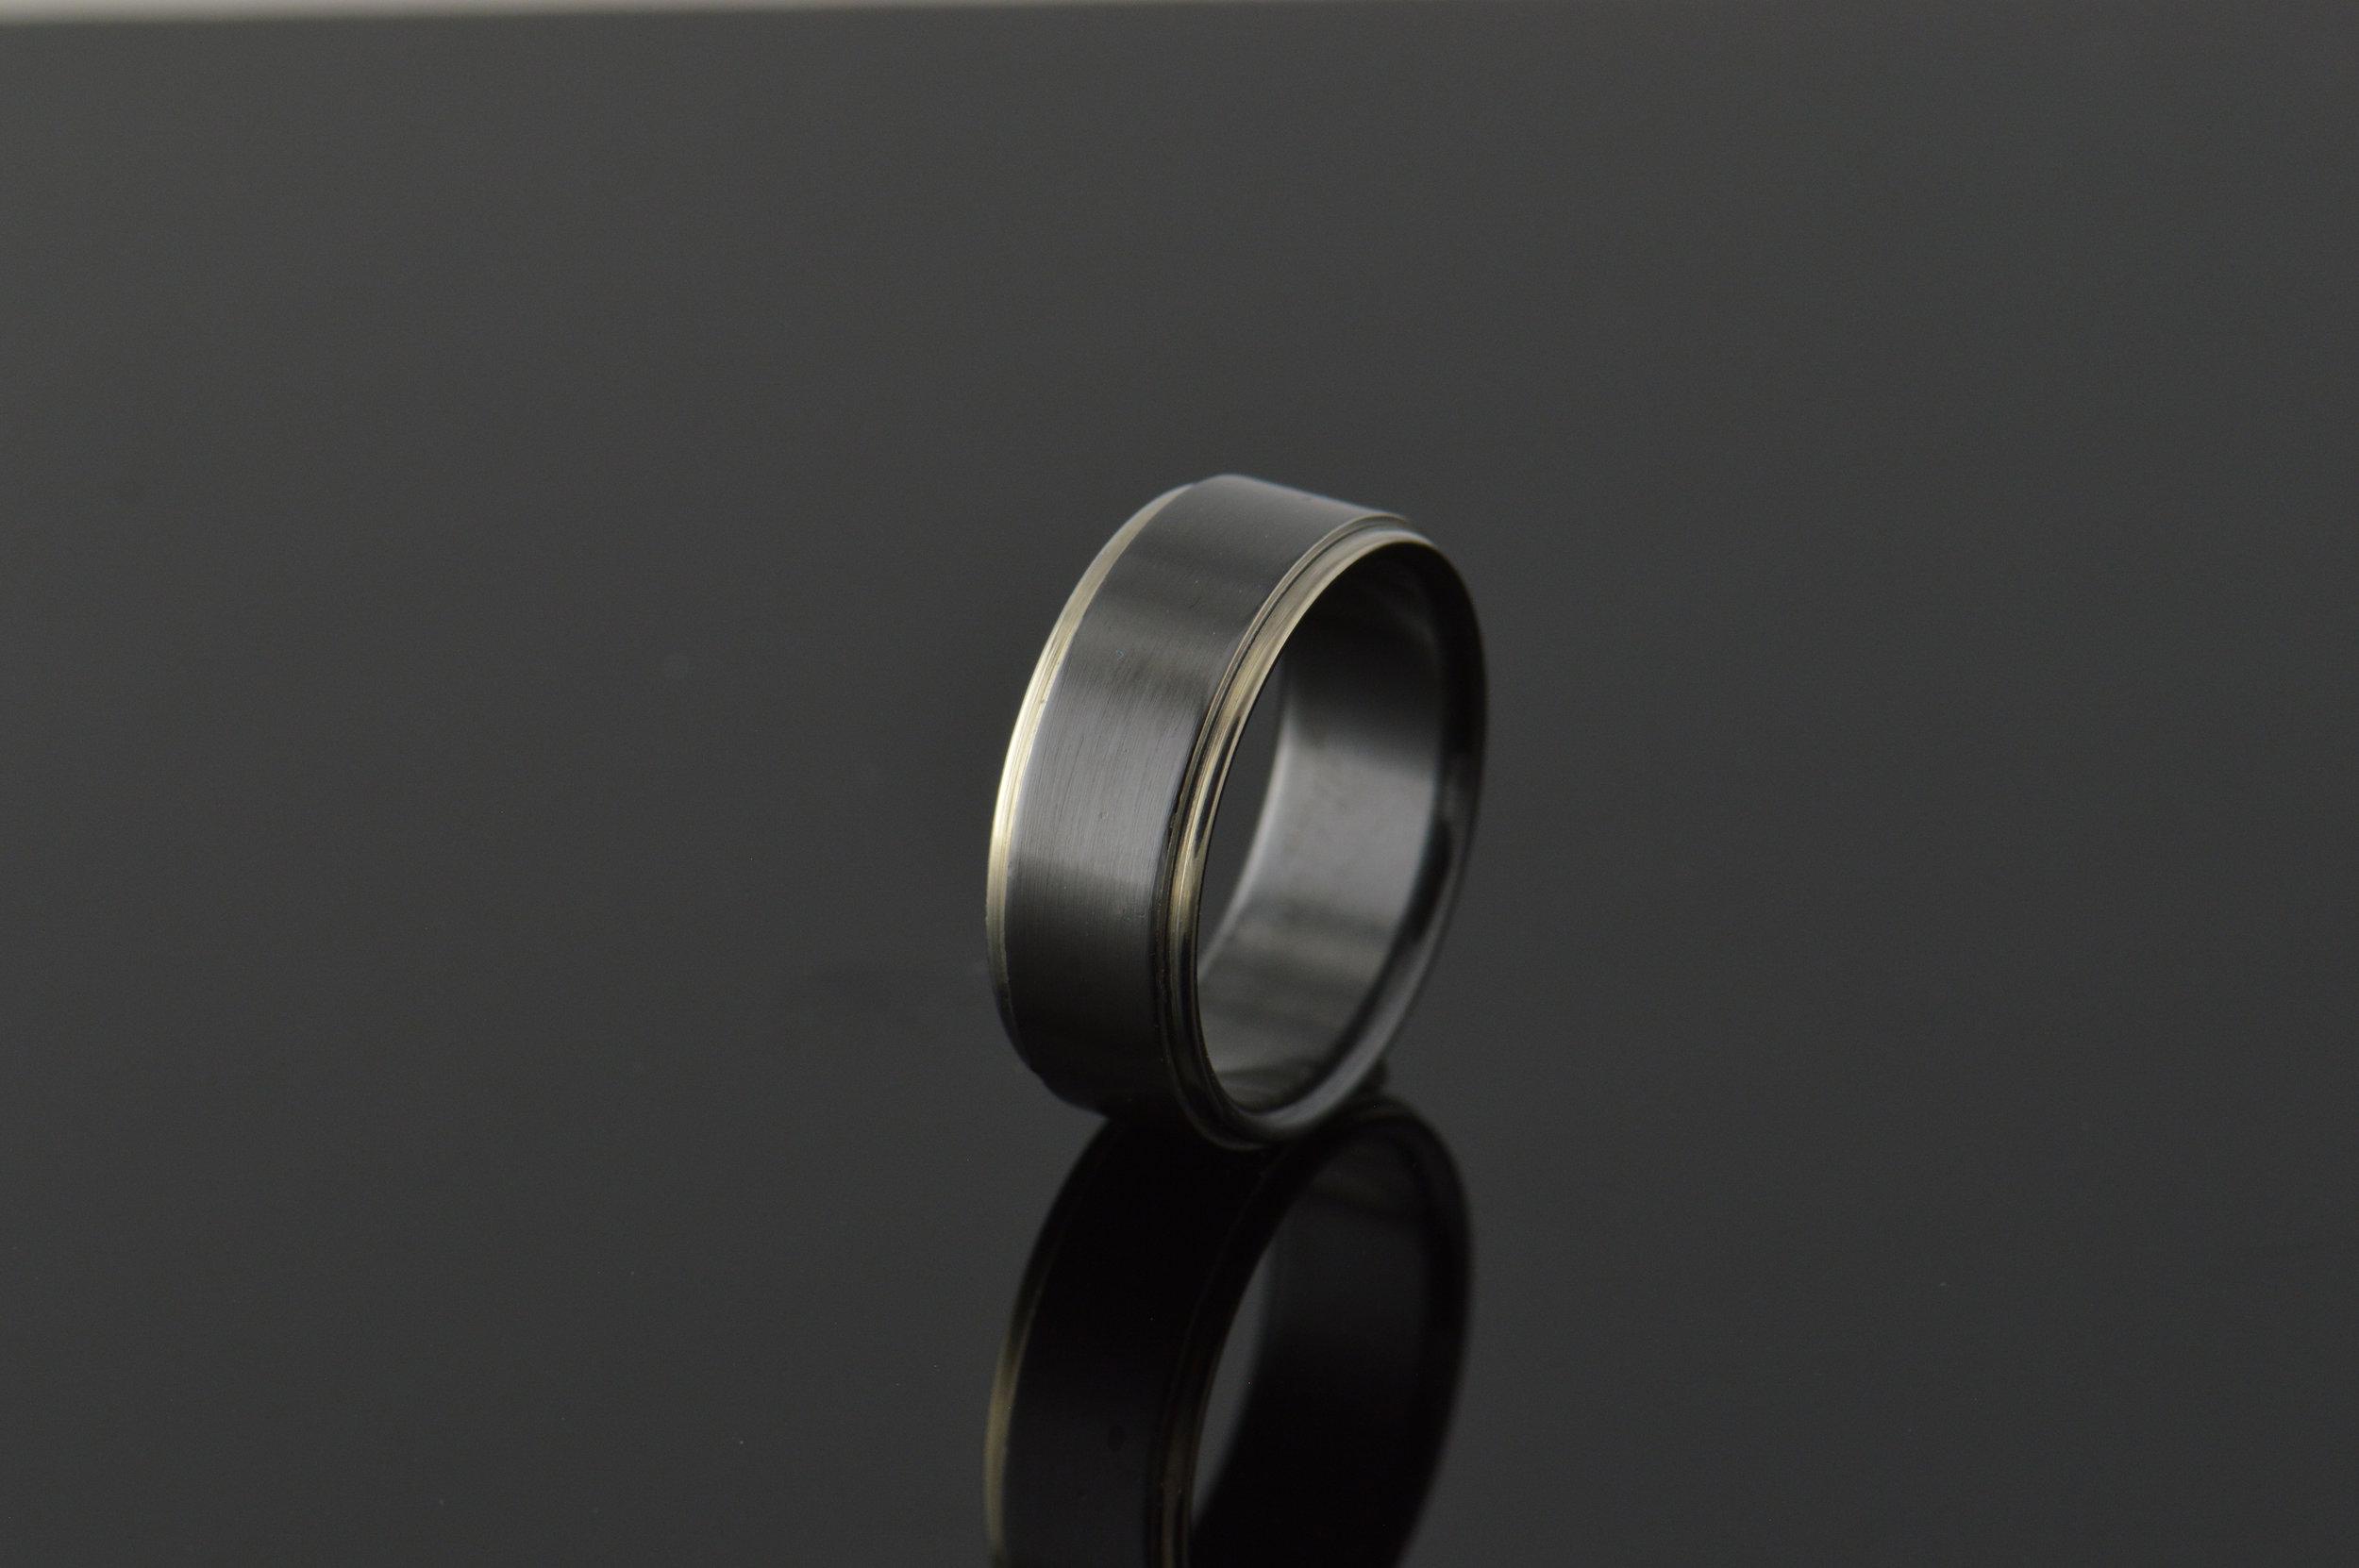 darvier-zirconium-machined-step-profile-band.JPG